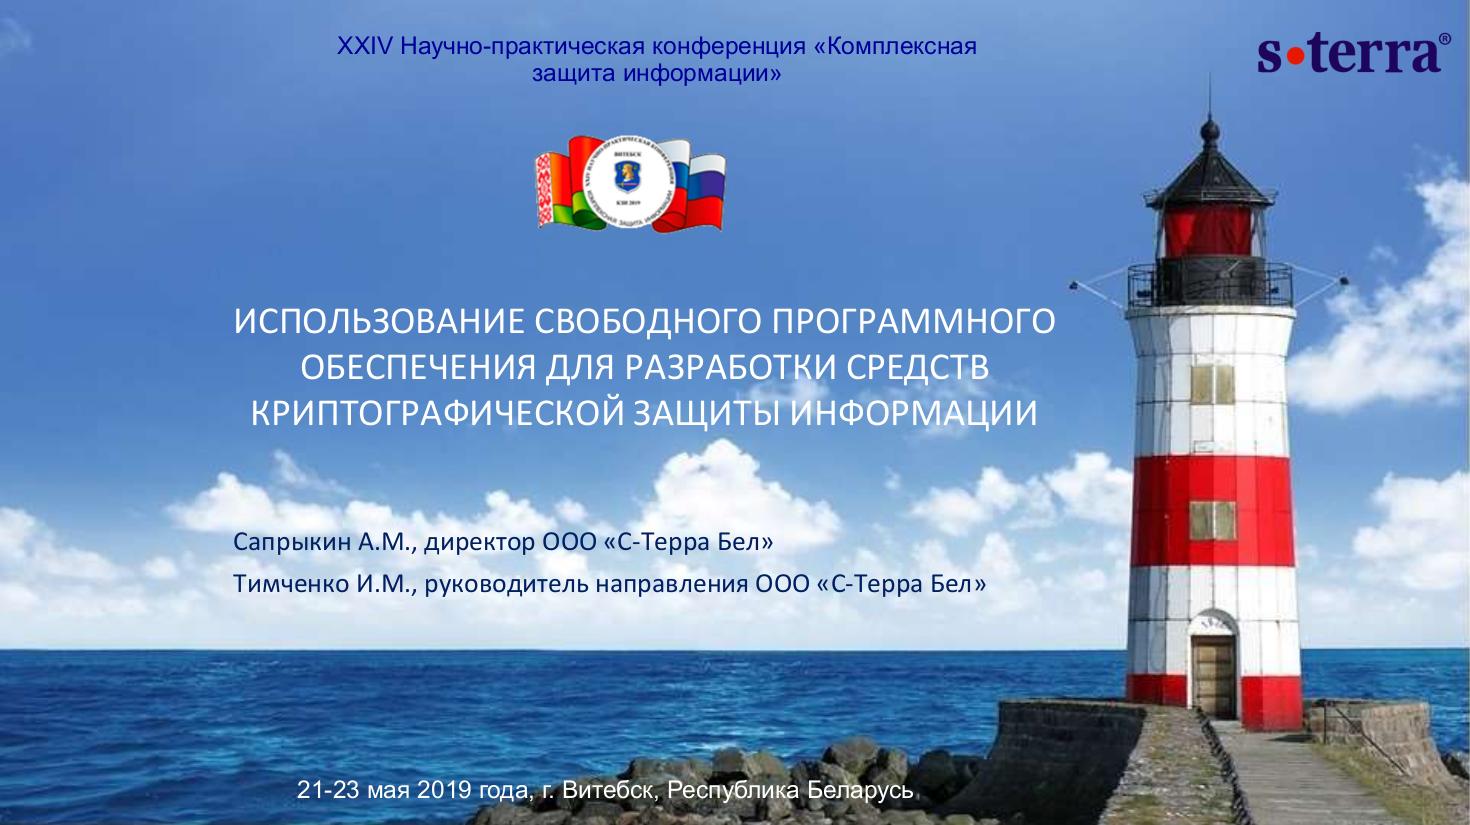 С-Терра Бел OpenVPN на КЗИ-2019